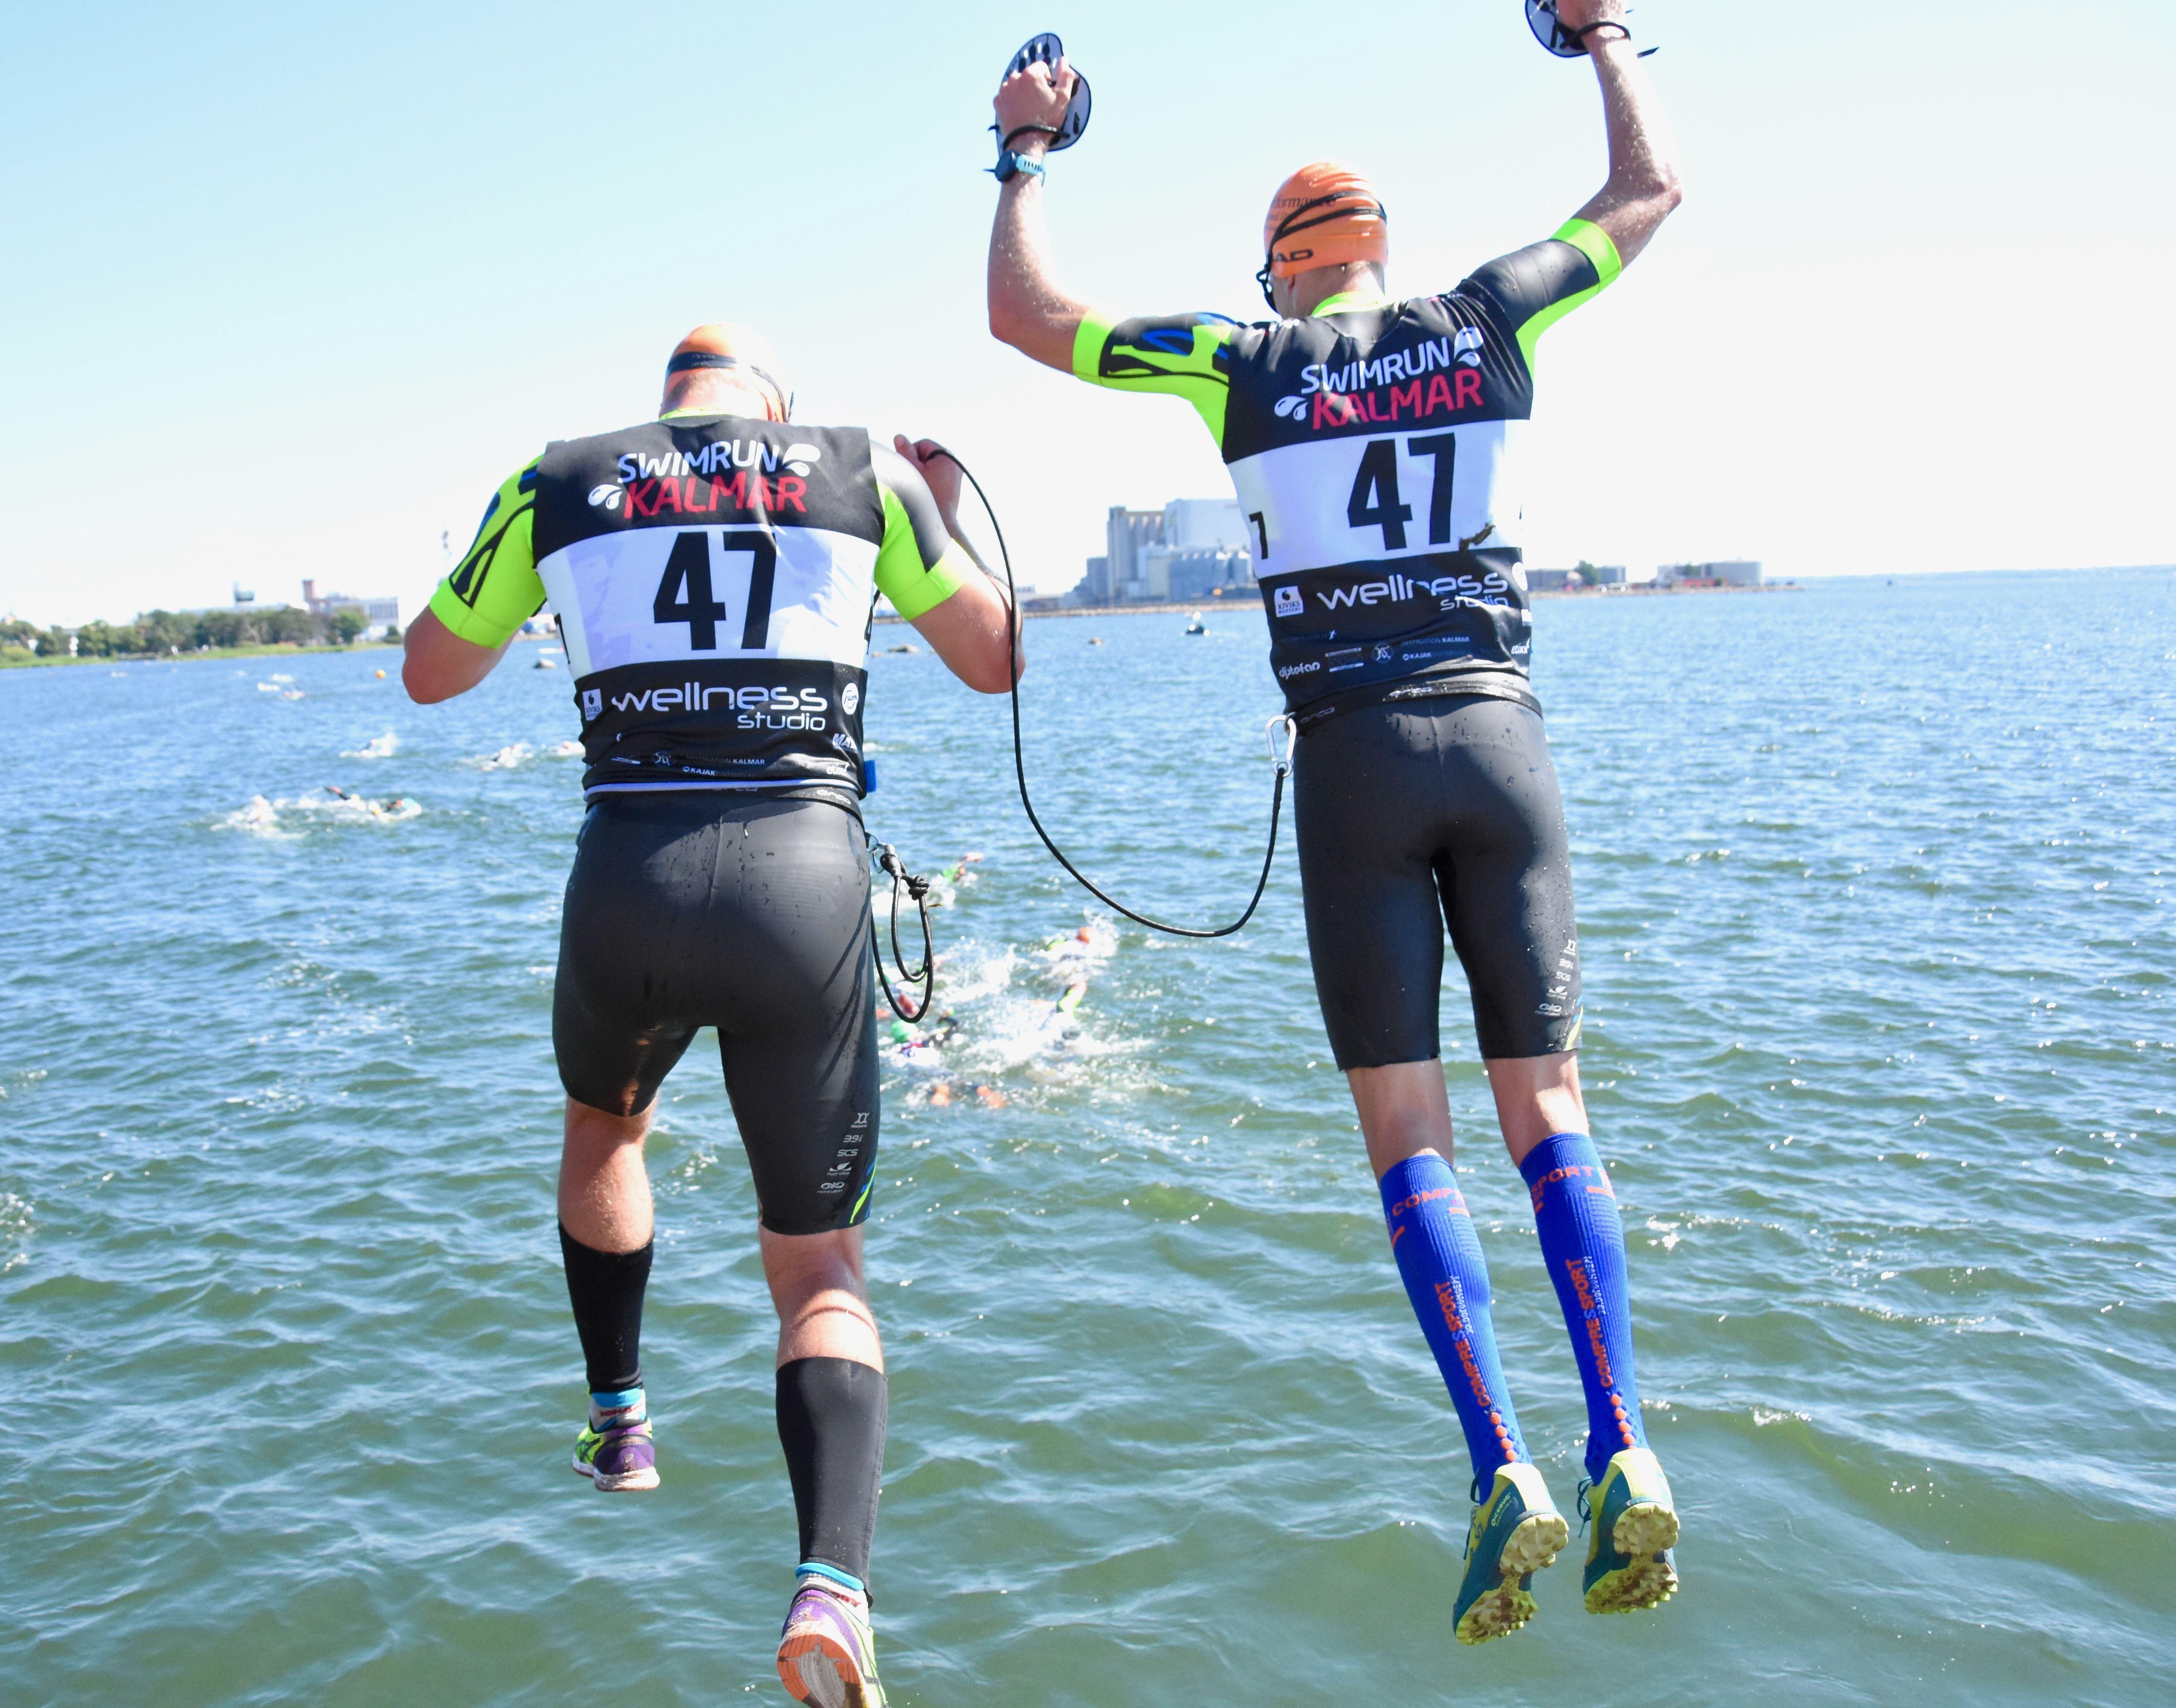 Kalmar Swimrun 2018